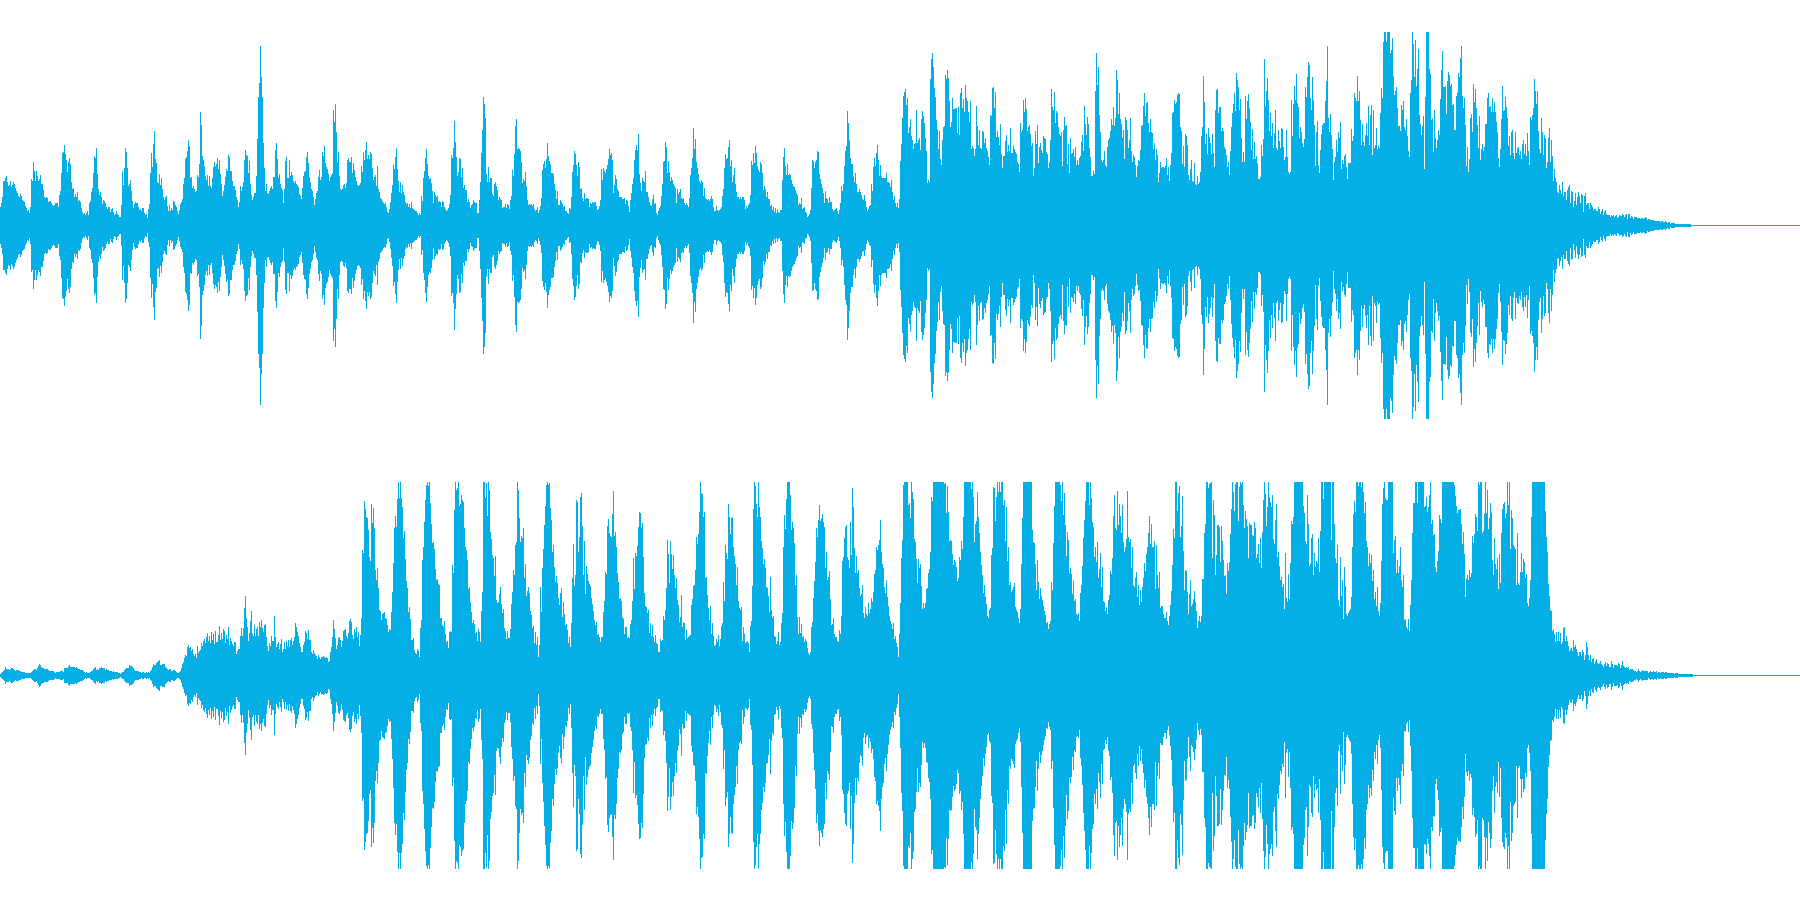 ストリングスとハープのバロック風の再生済みの波形